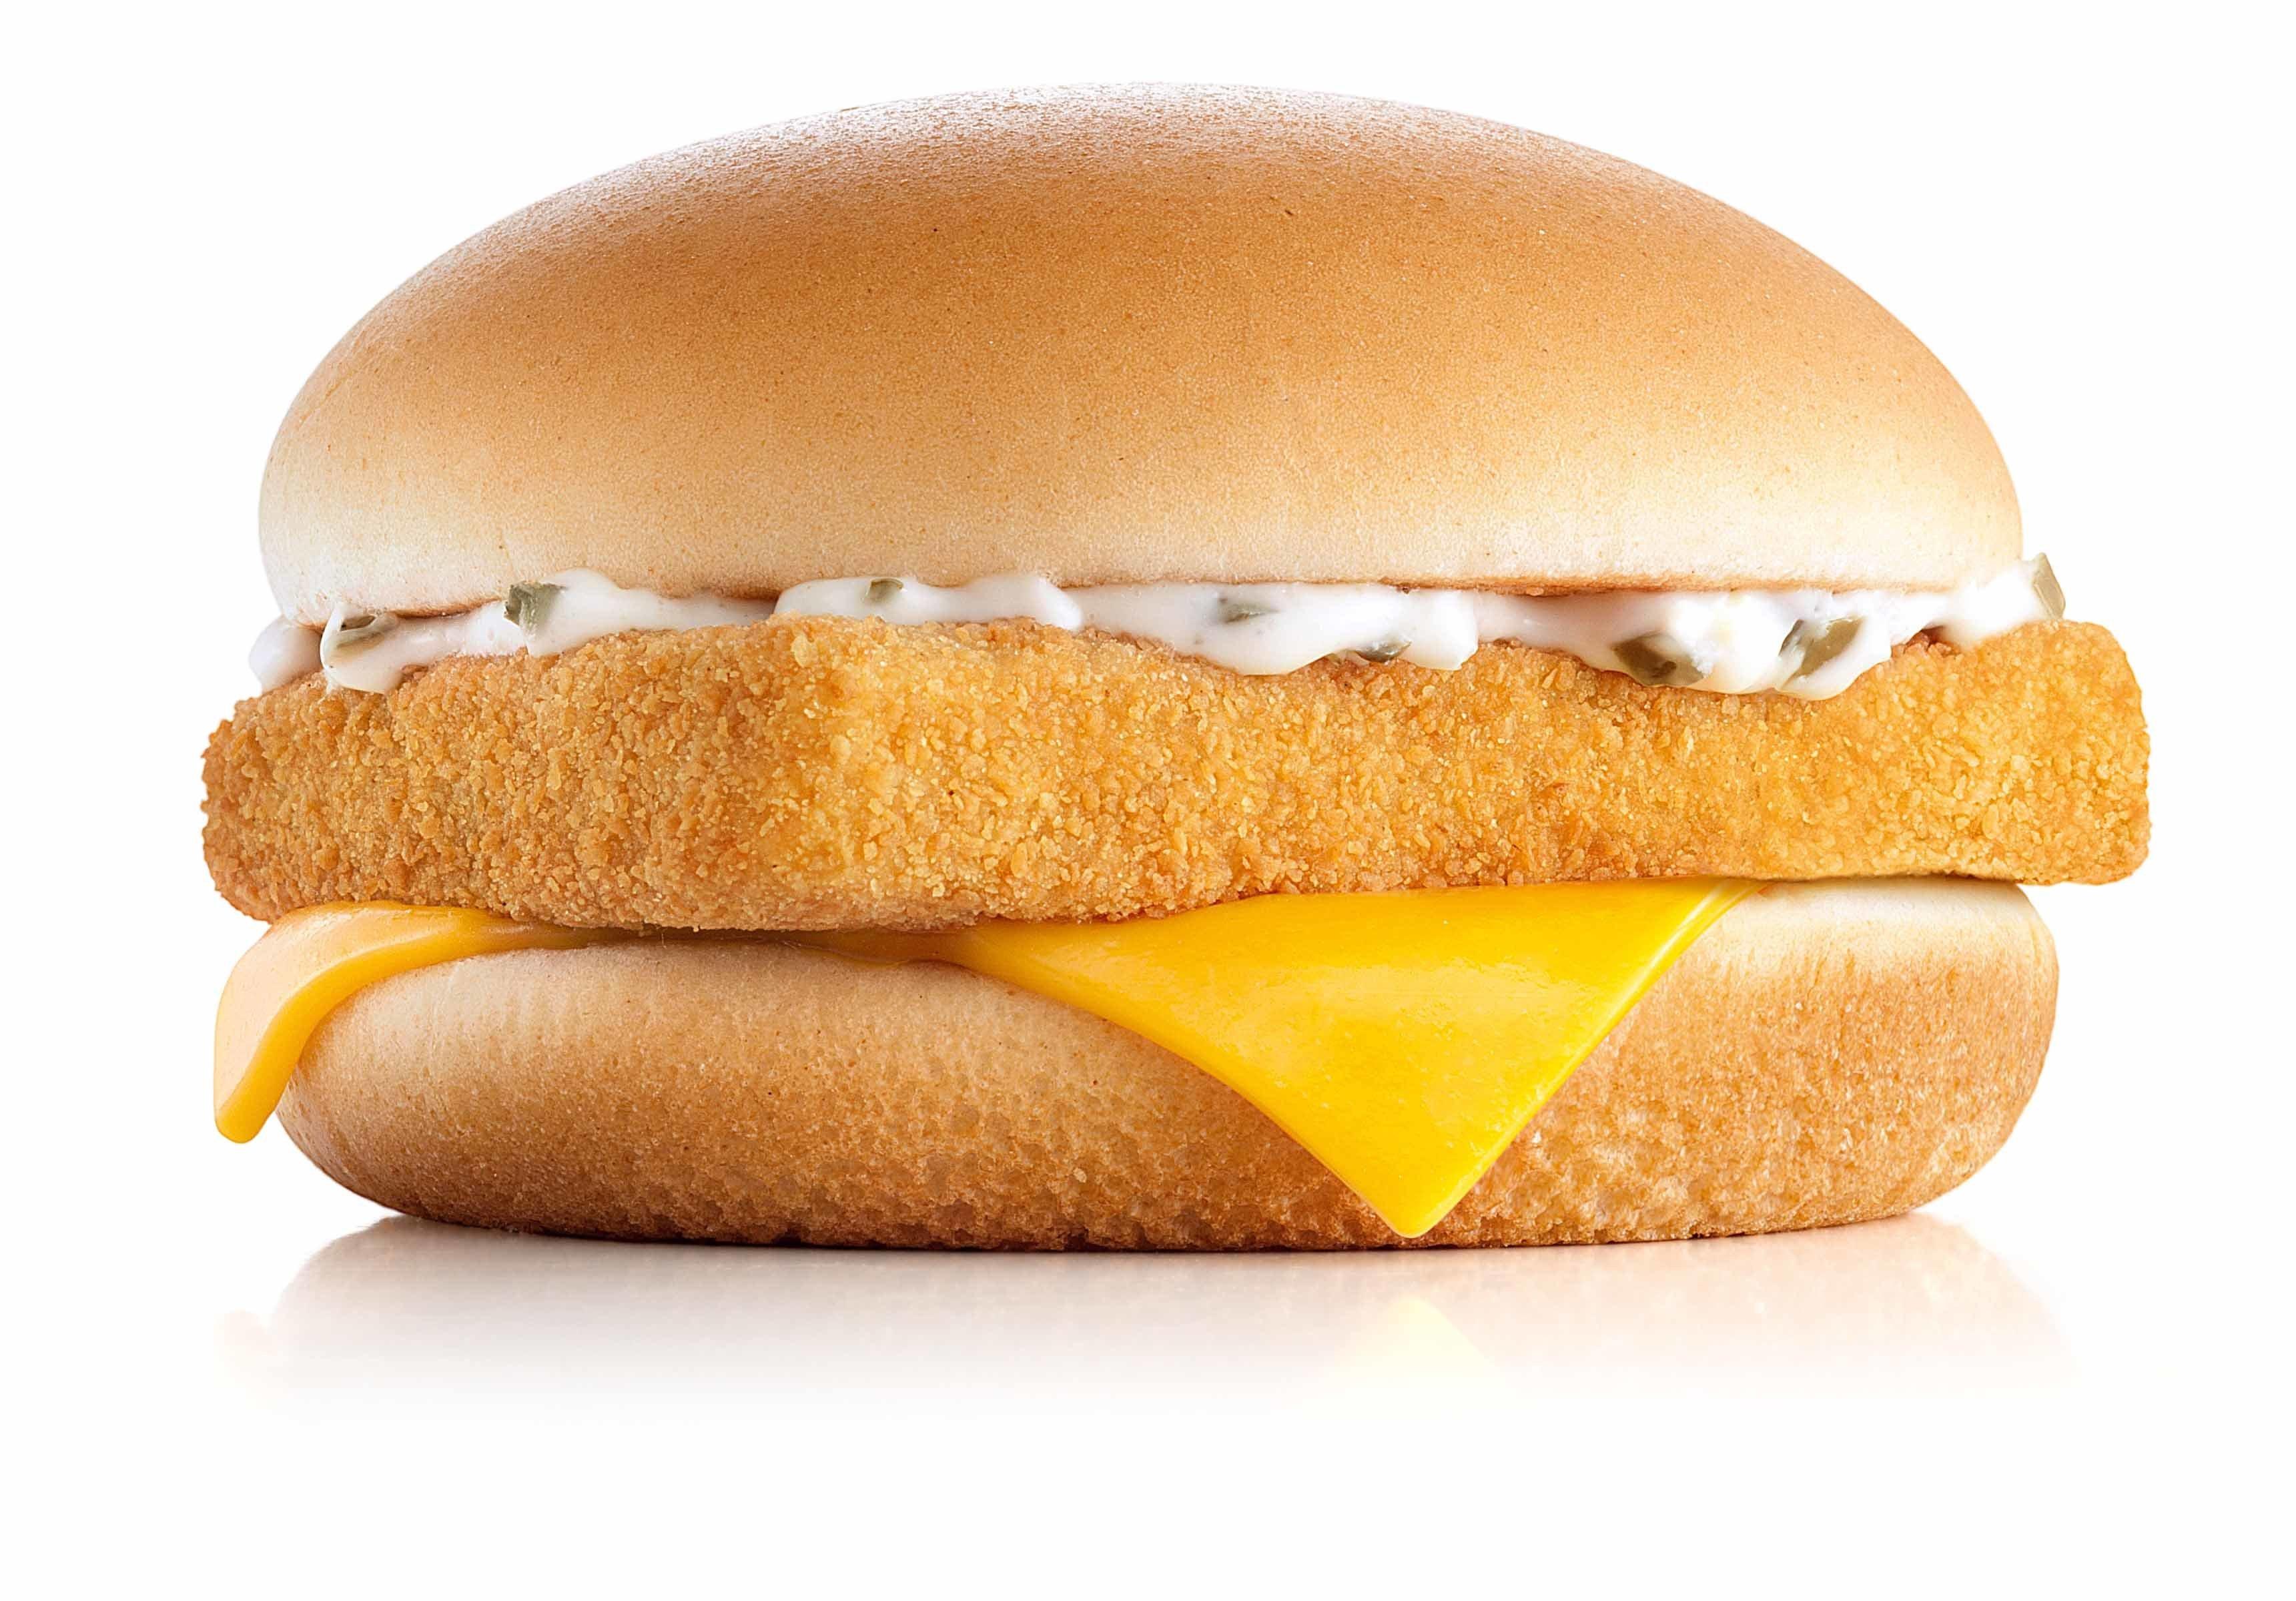 McDonald's coloca McFish em promoção na Sexta-Feira